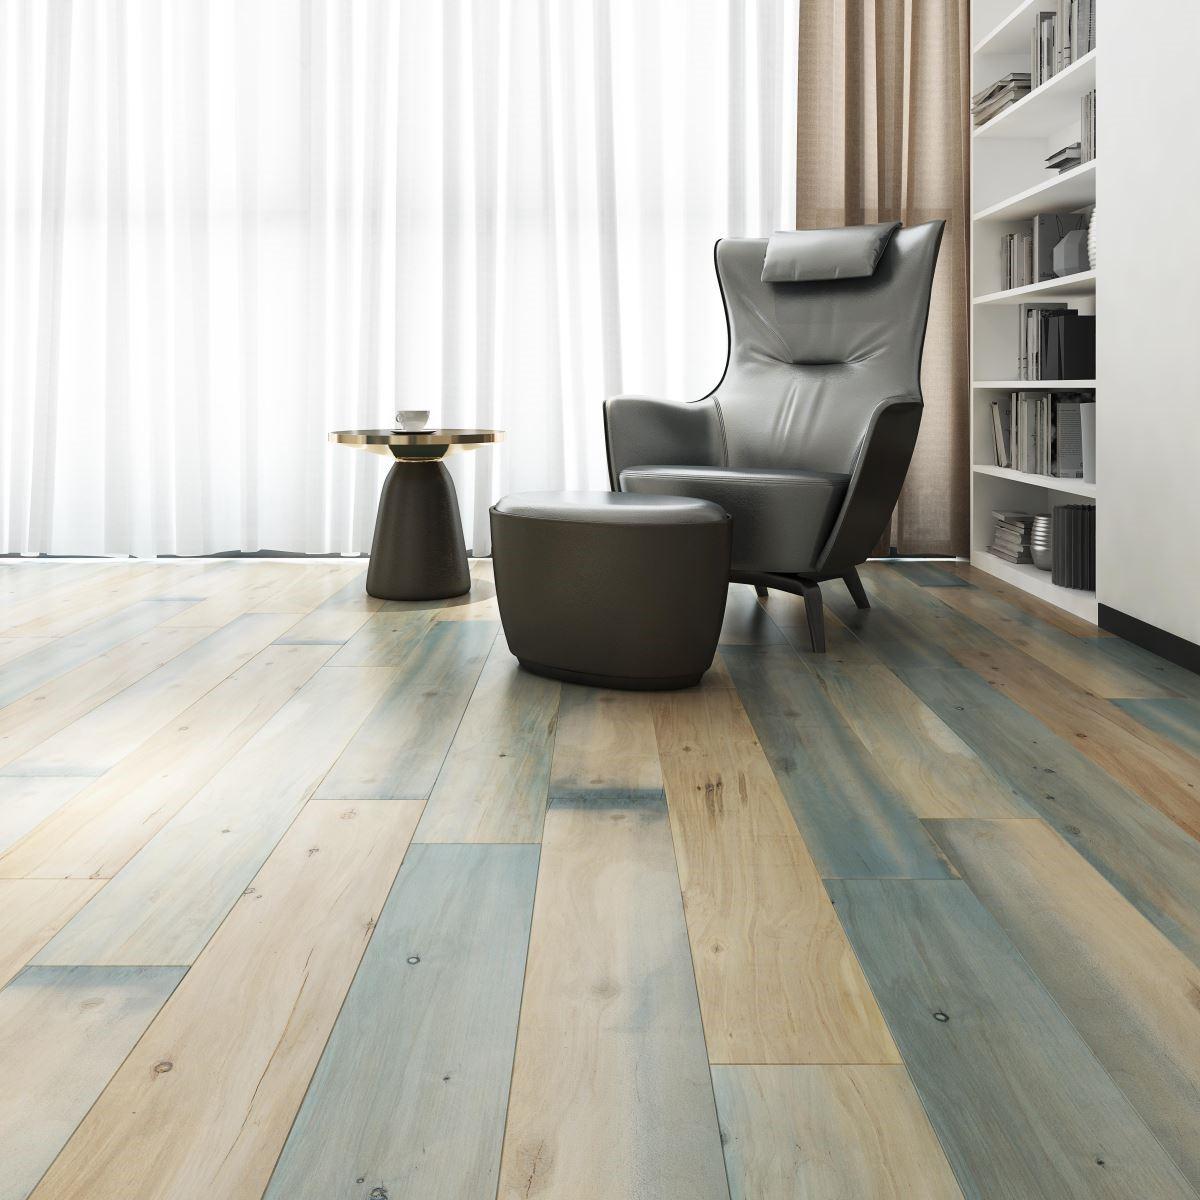 擁有數碼彩繪技術的「創意玩家」,讓一般木紋也可彩繪上色,替溫潤的家屋空間增添活潑、跳躍的氣息。